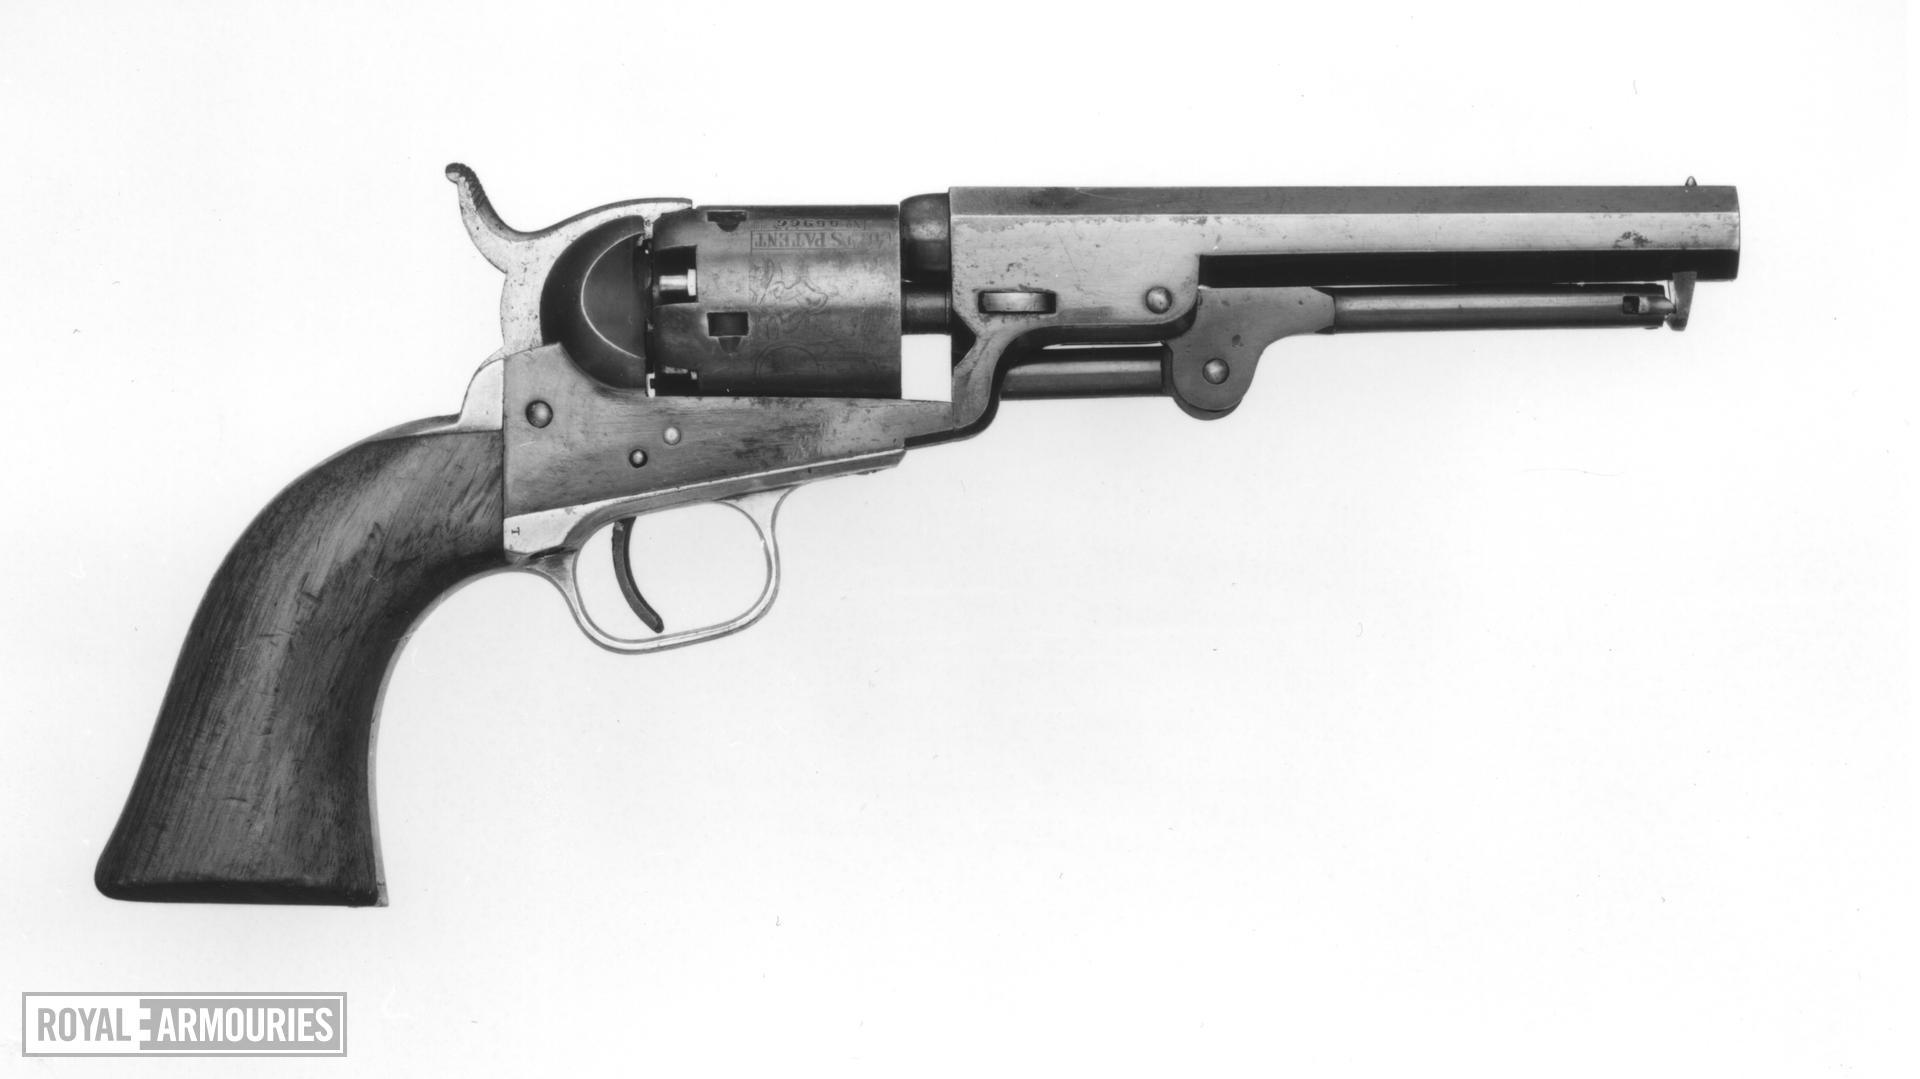 Percussion five-shot revolver - Colt Pocket Model 1849